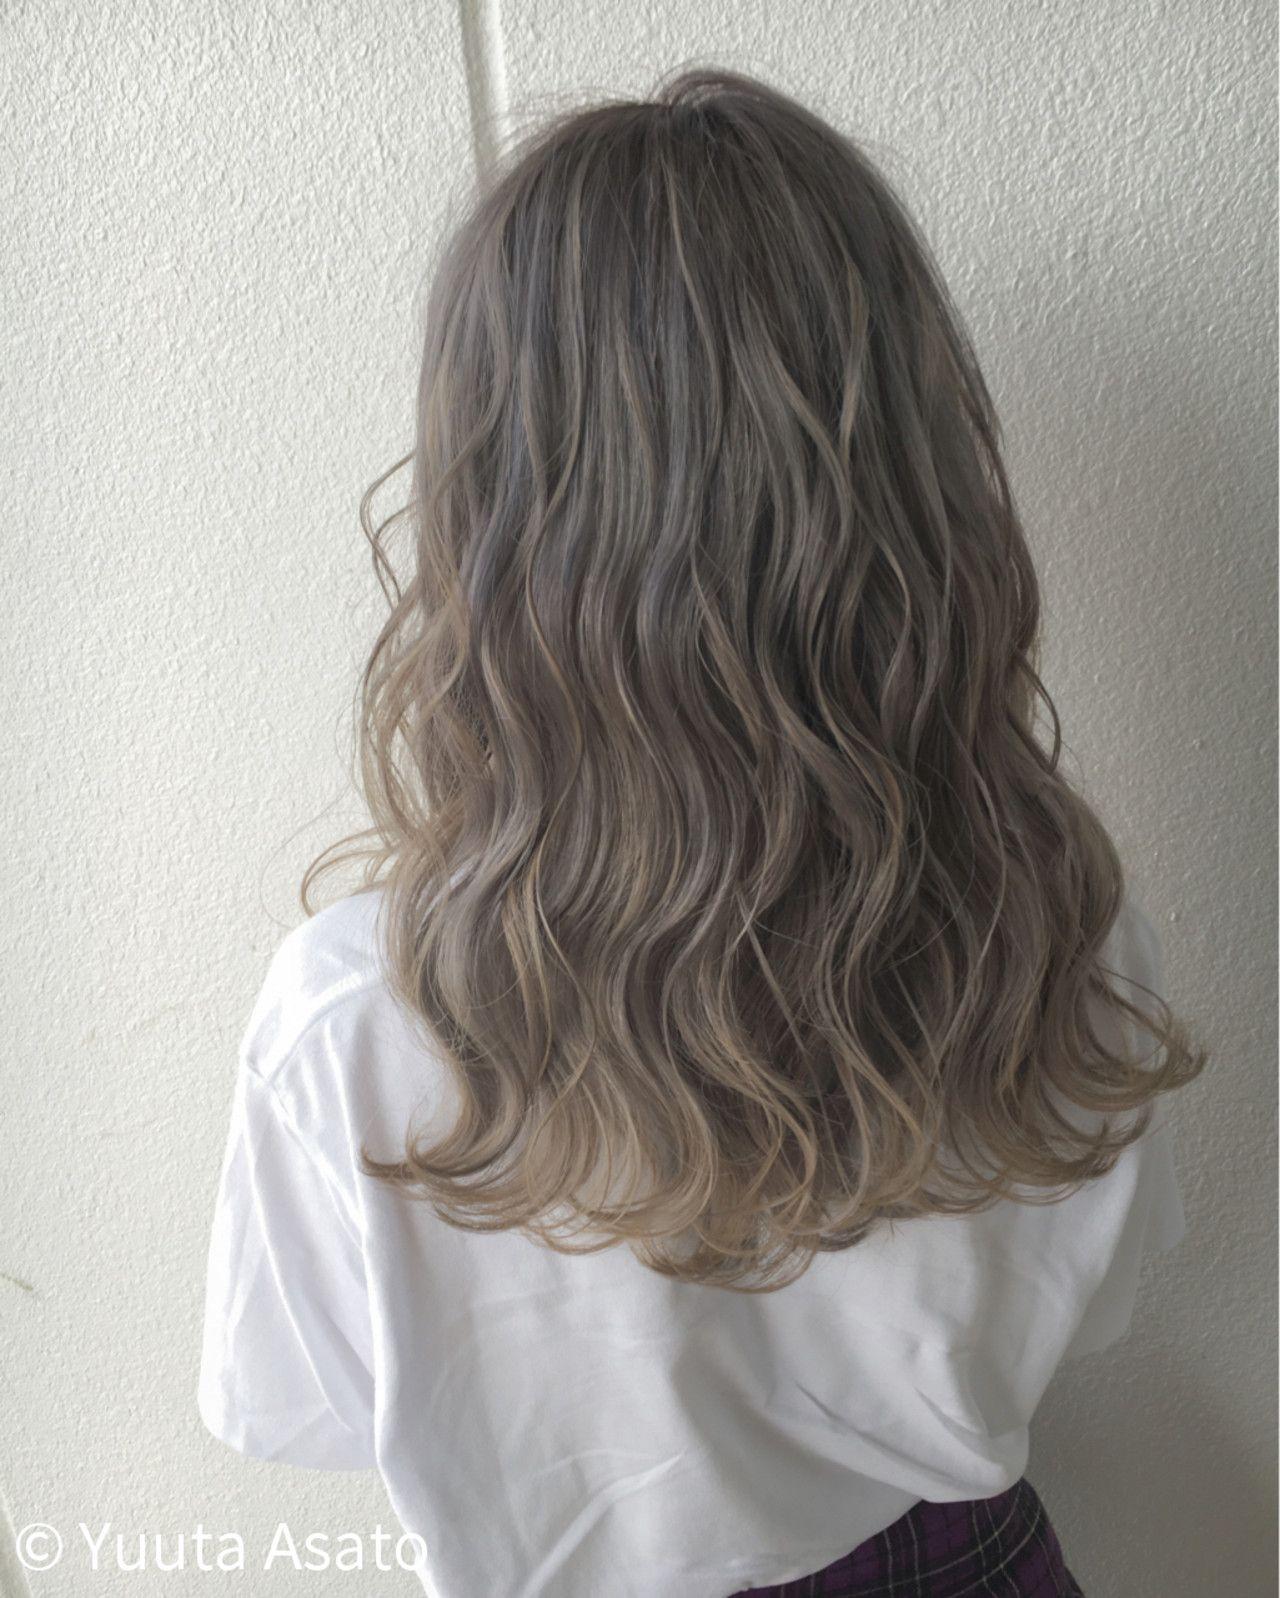 アッシュグレージュからアッシュベージュへグラデーションカラーで外国人風に 髪色 グレージュ 髪 色 ヘアスタイリング